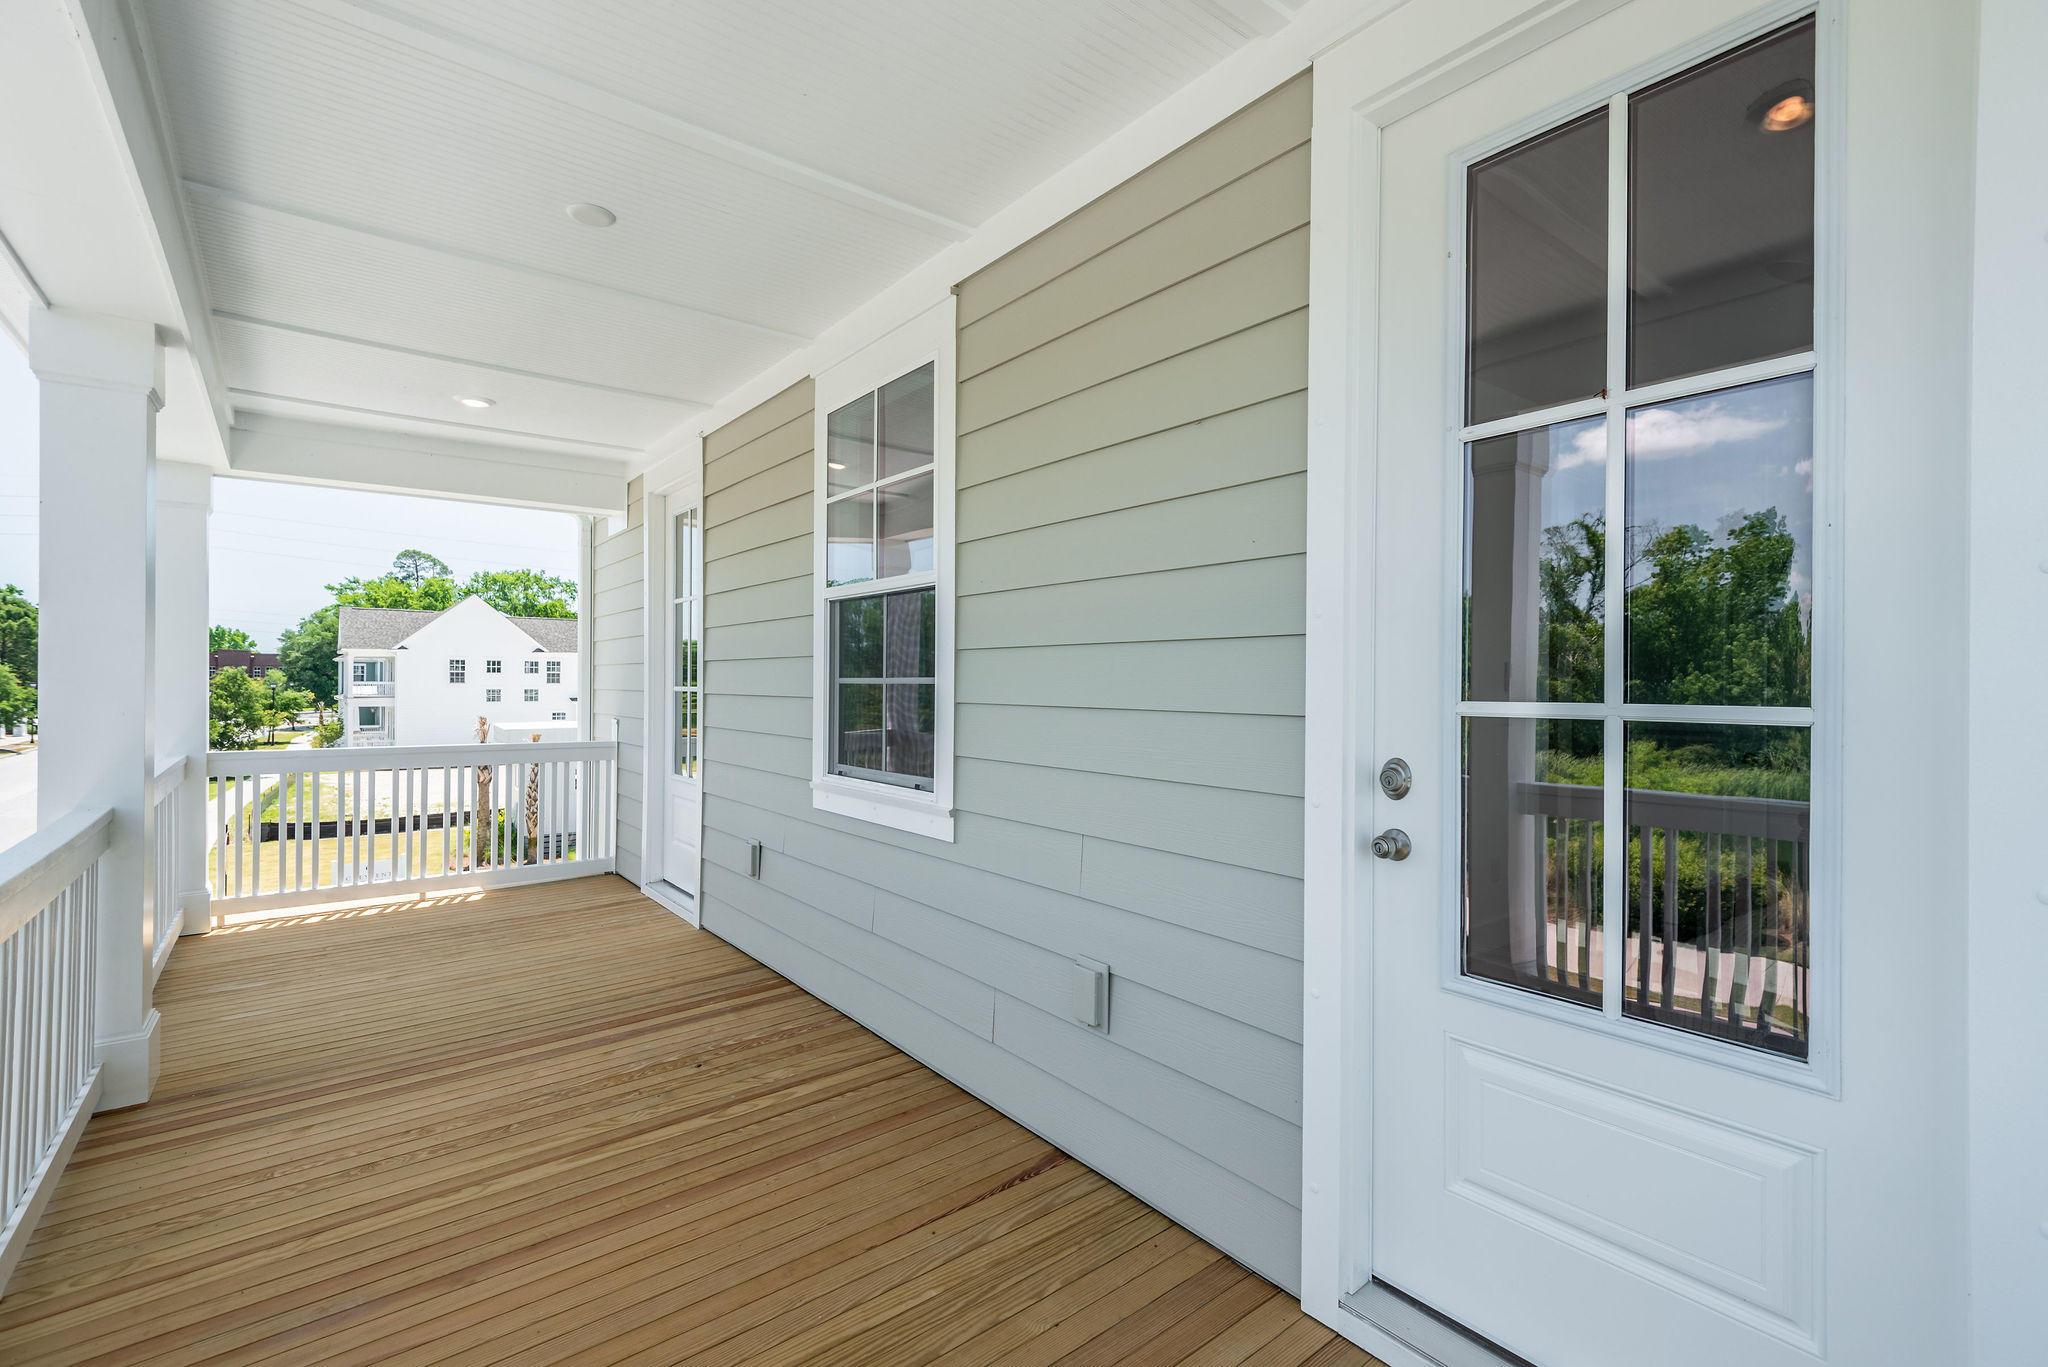 Midtown Homes For Sale - 1523 Low Park, Mount Pleasant, SC - 9